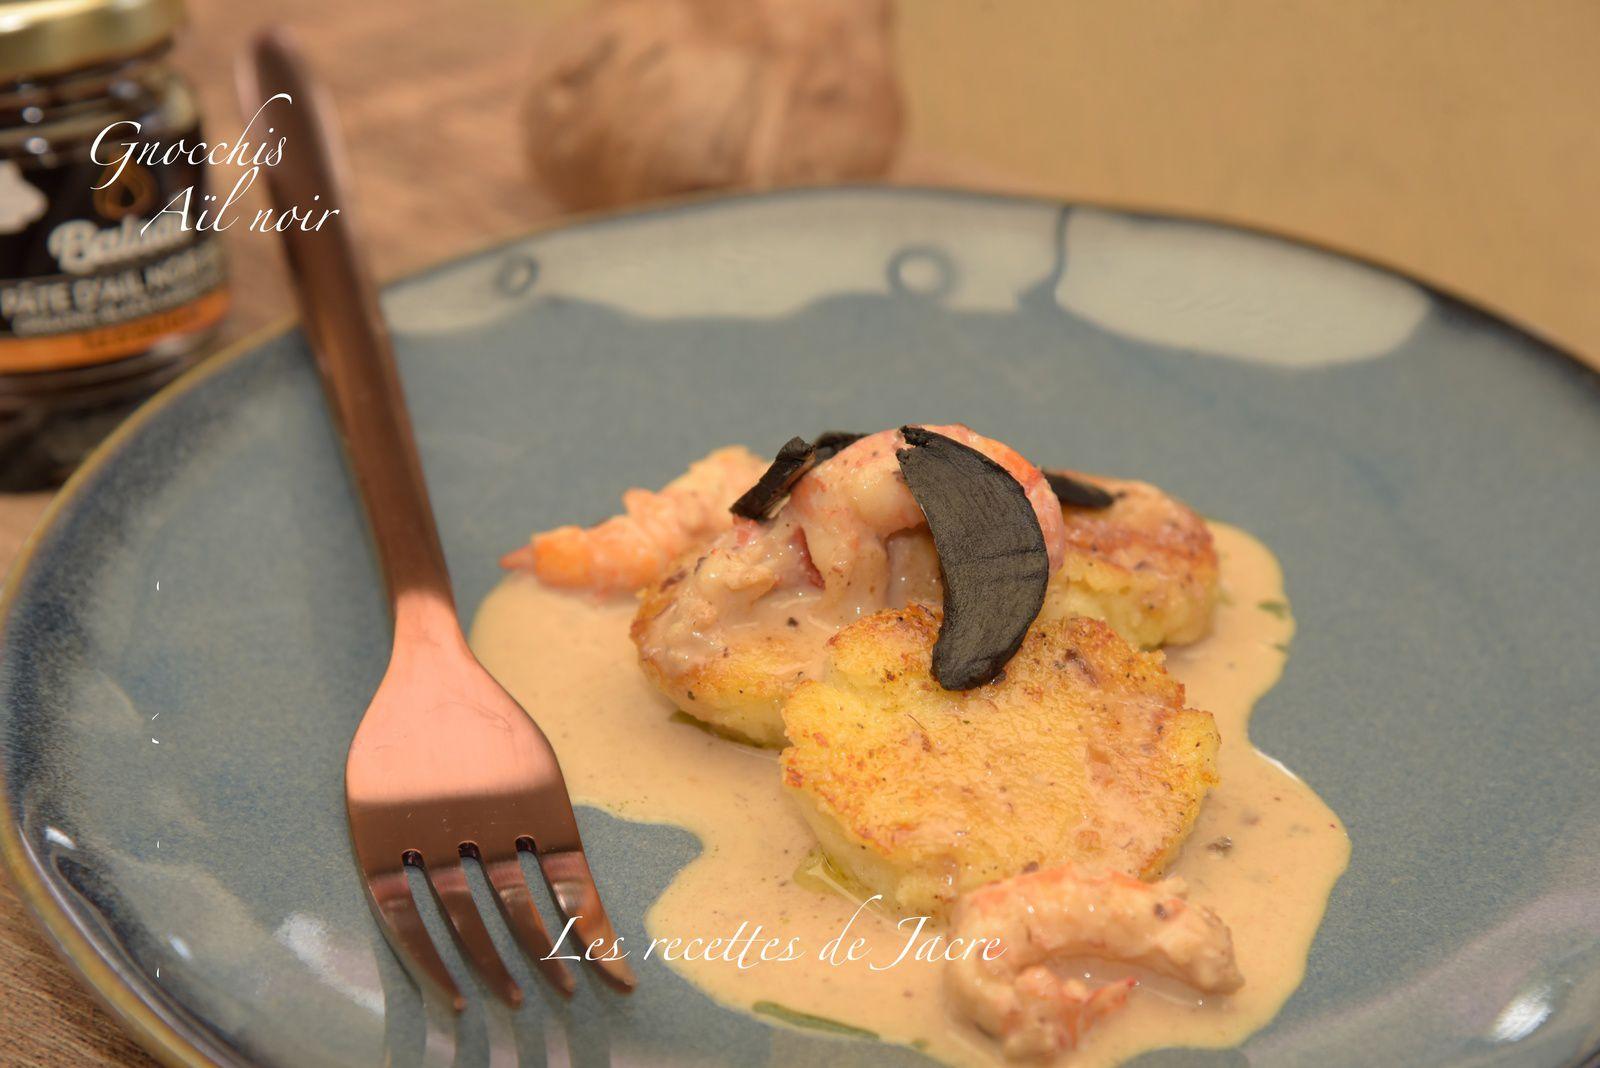 Gnocchis à la crème d'aïl noir et langoustines poêlées